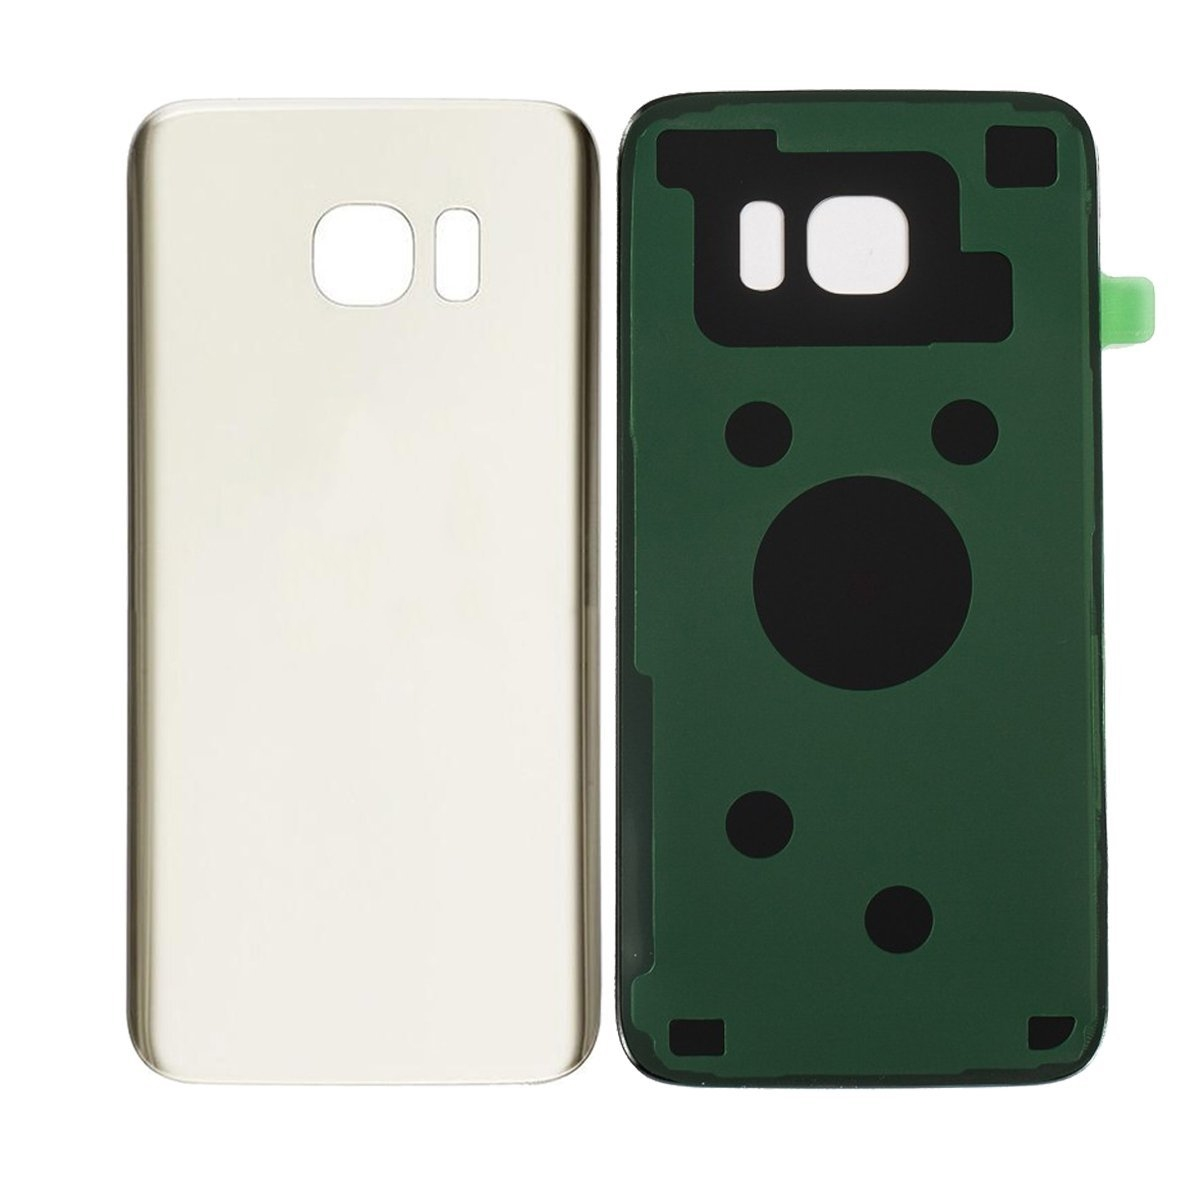 Pour Samsung S7 Bord Batterie En Verre de Couverture Arrière pour Samsung Galaxy S7 Bord G935 Arrière Couverture De Porte 3 M Colle Remplacement Pièces De Rechange